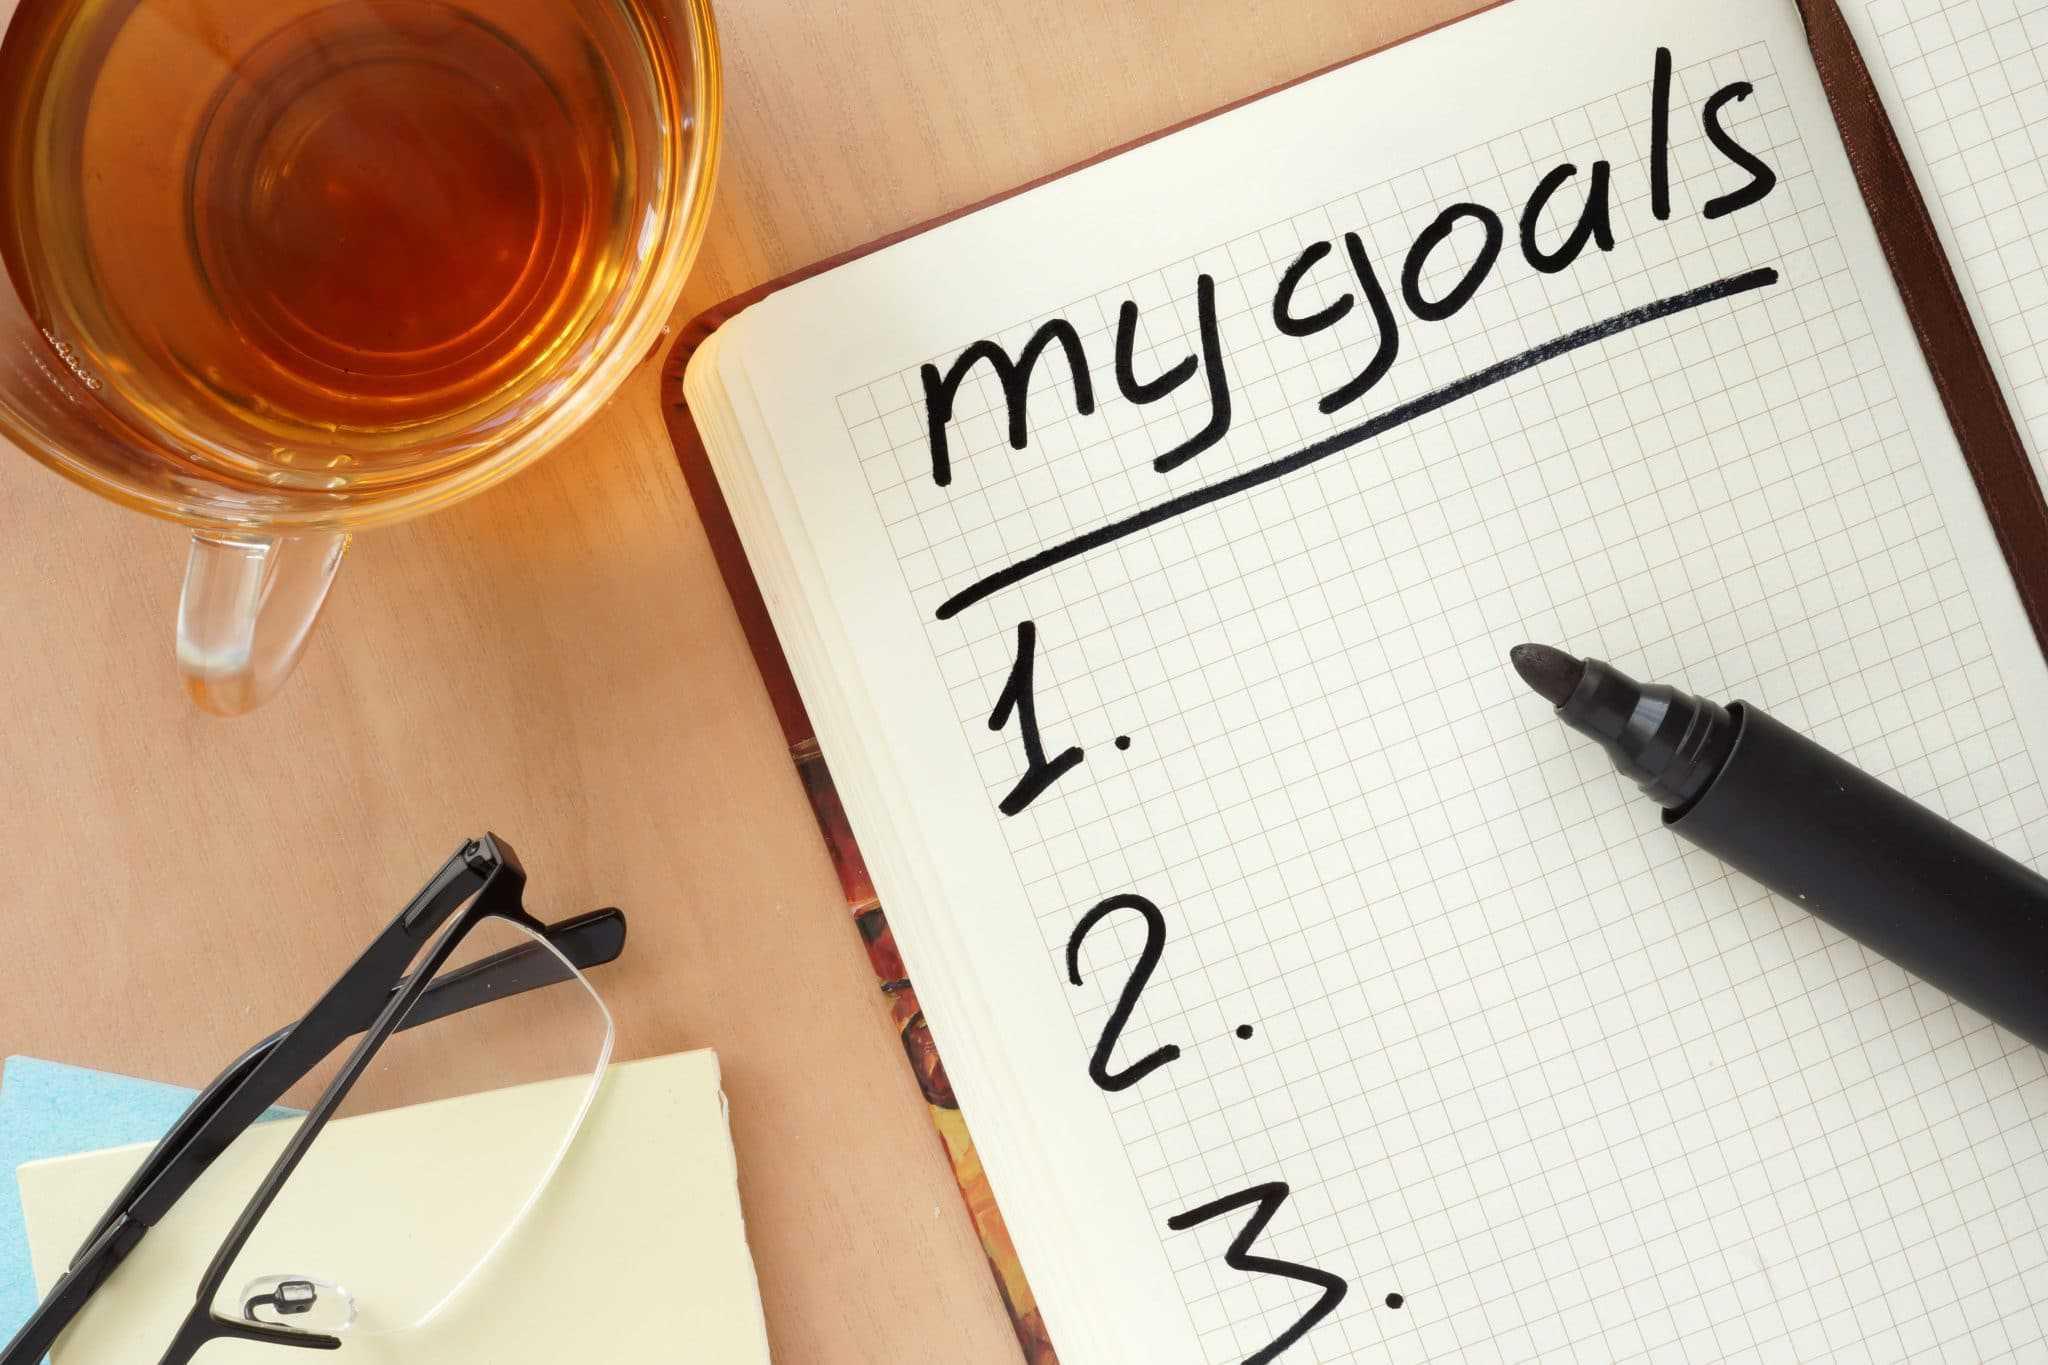 Purpose and goals